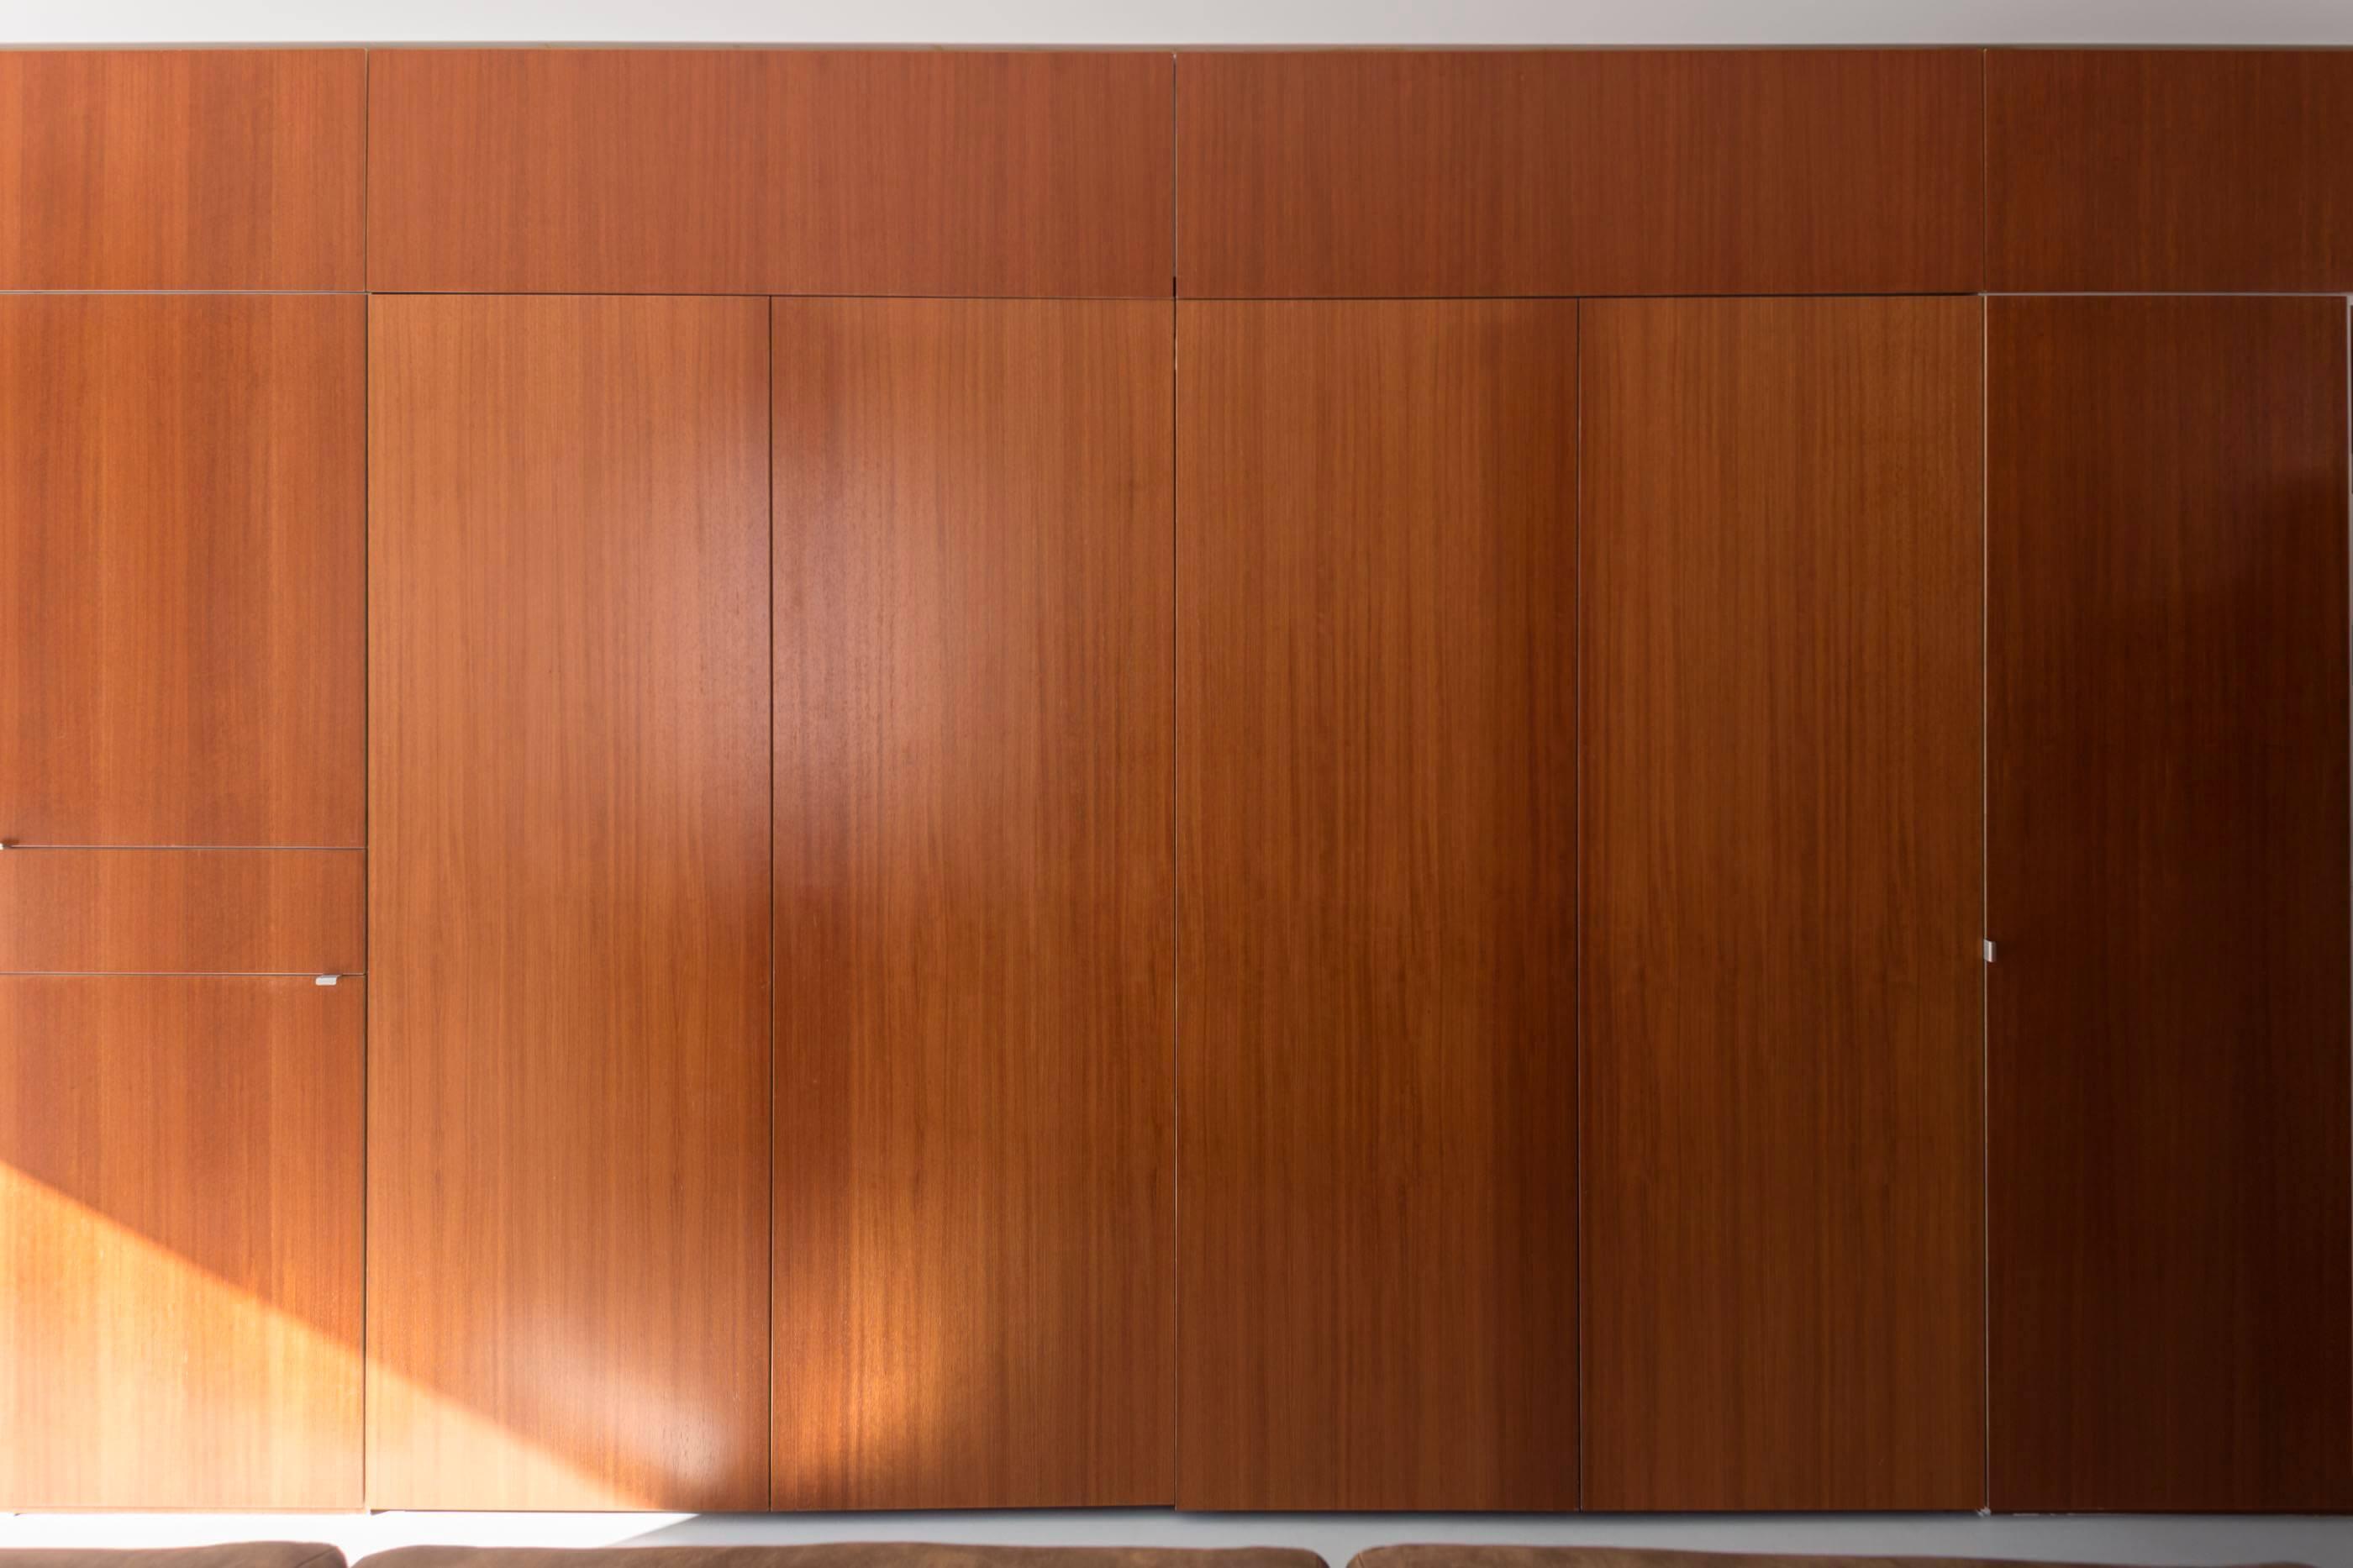 Arquitecto Lousinha Casa Fontes 6 do fotografo Ivo Tavares Studio